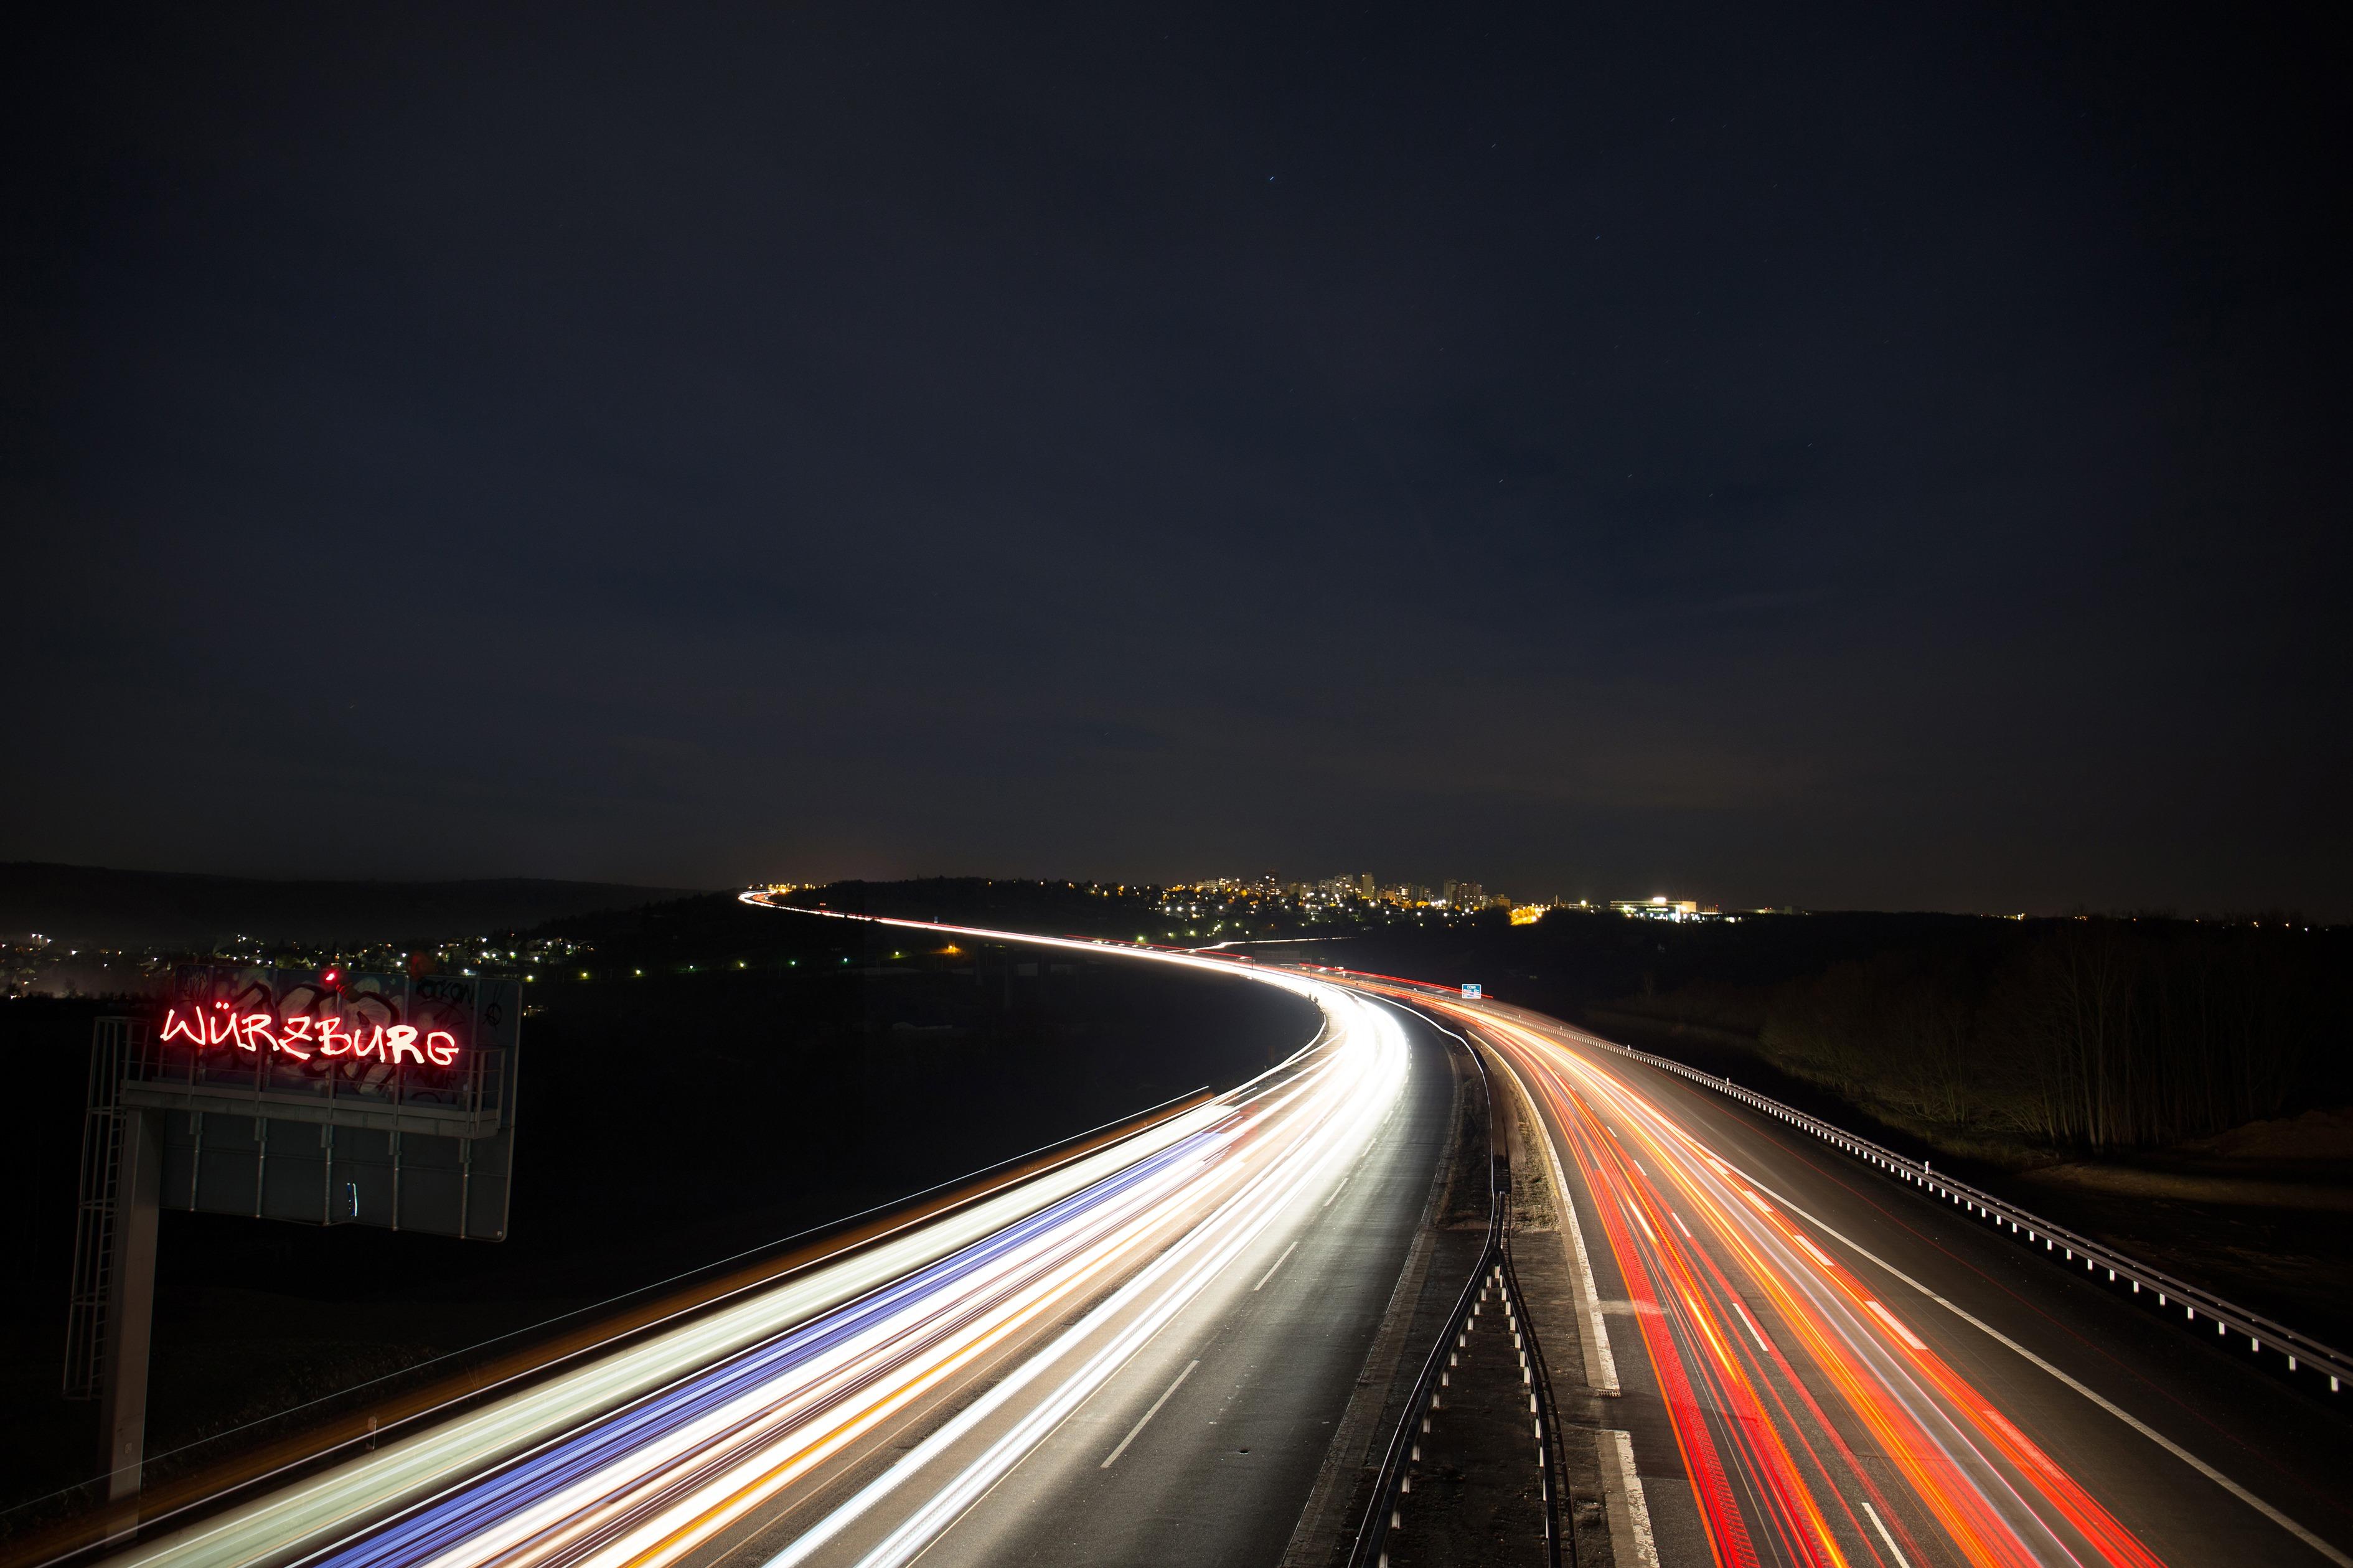 поздравление вечерний красивое фото ночной трассы из авто пространства